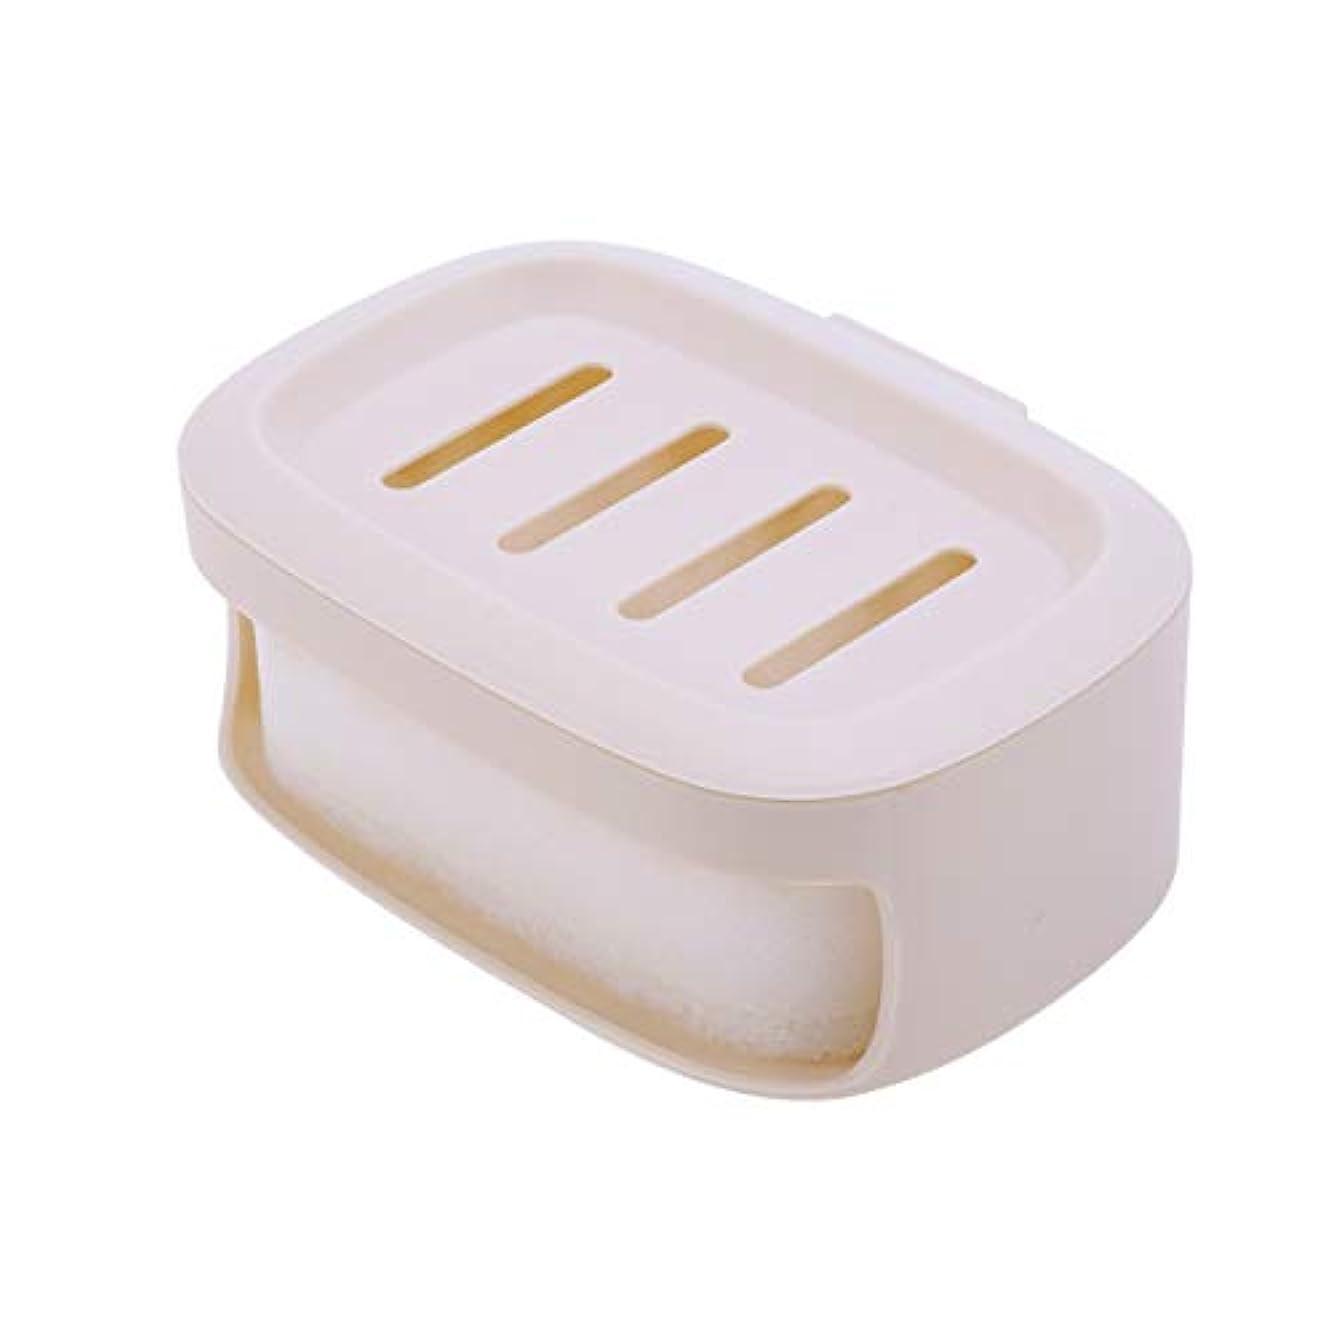 殺します思われる迷彩HEALIFTY ソープボックス防水ソープコンテナ浴室ソープ収納ケースソープホルダー(カーキ)